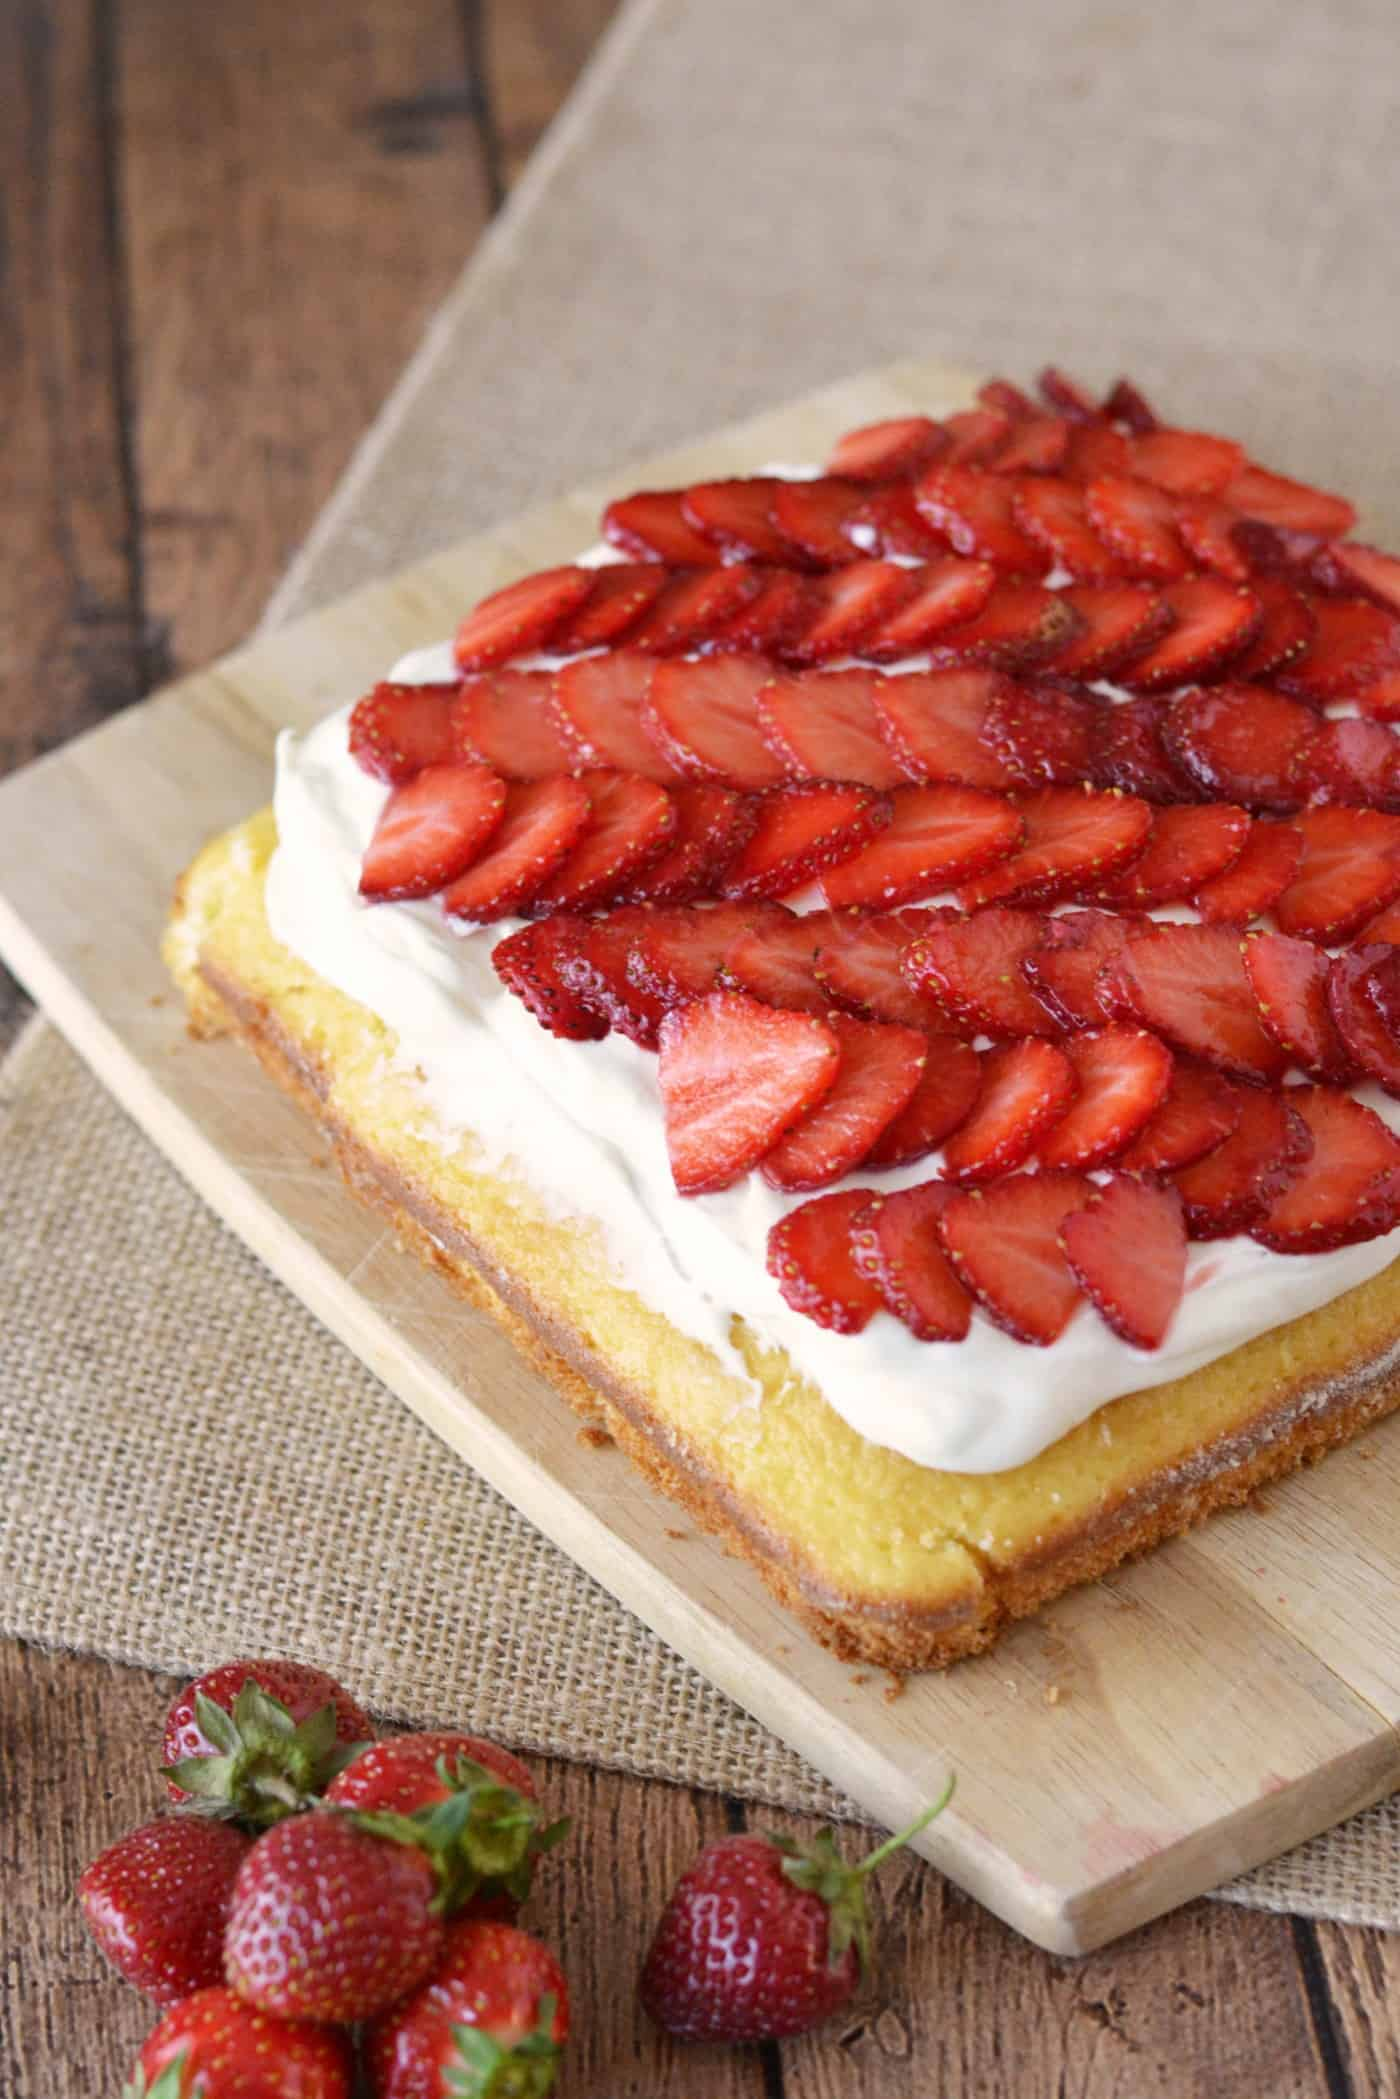 Easy Bake Oven Strawberry Cake Recipe